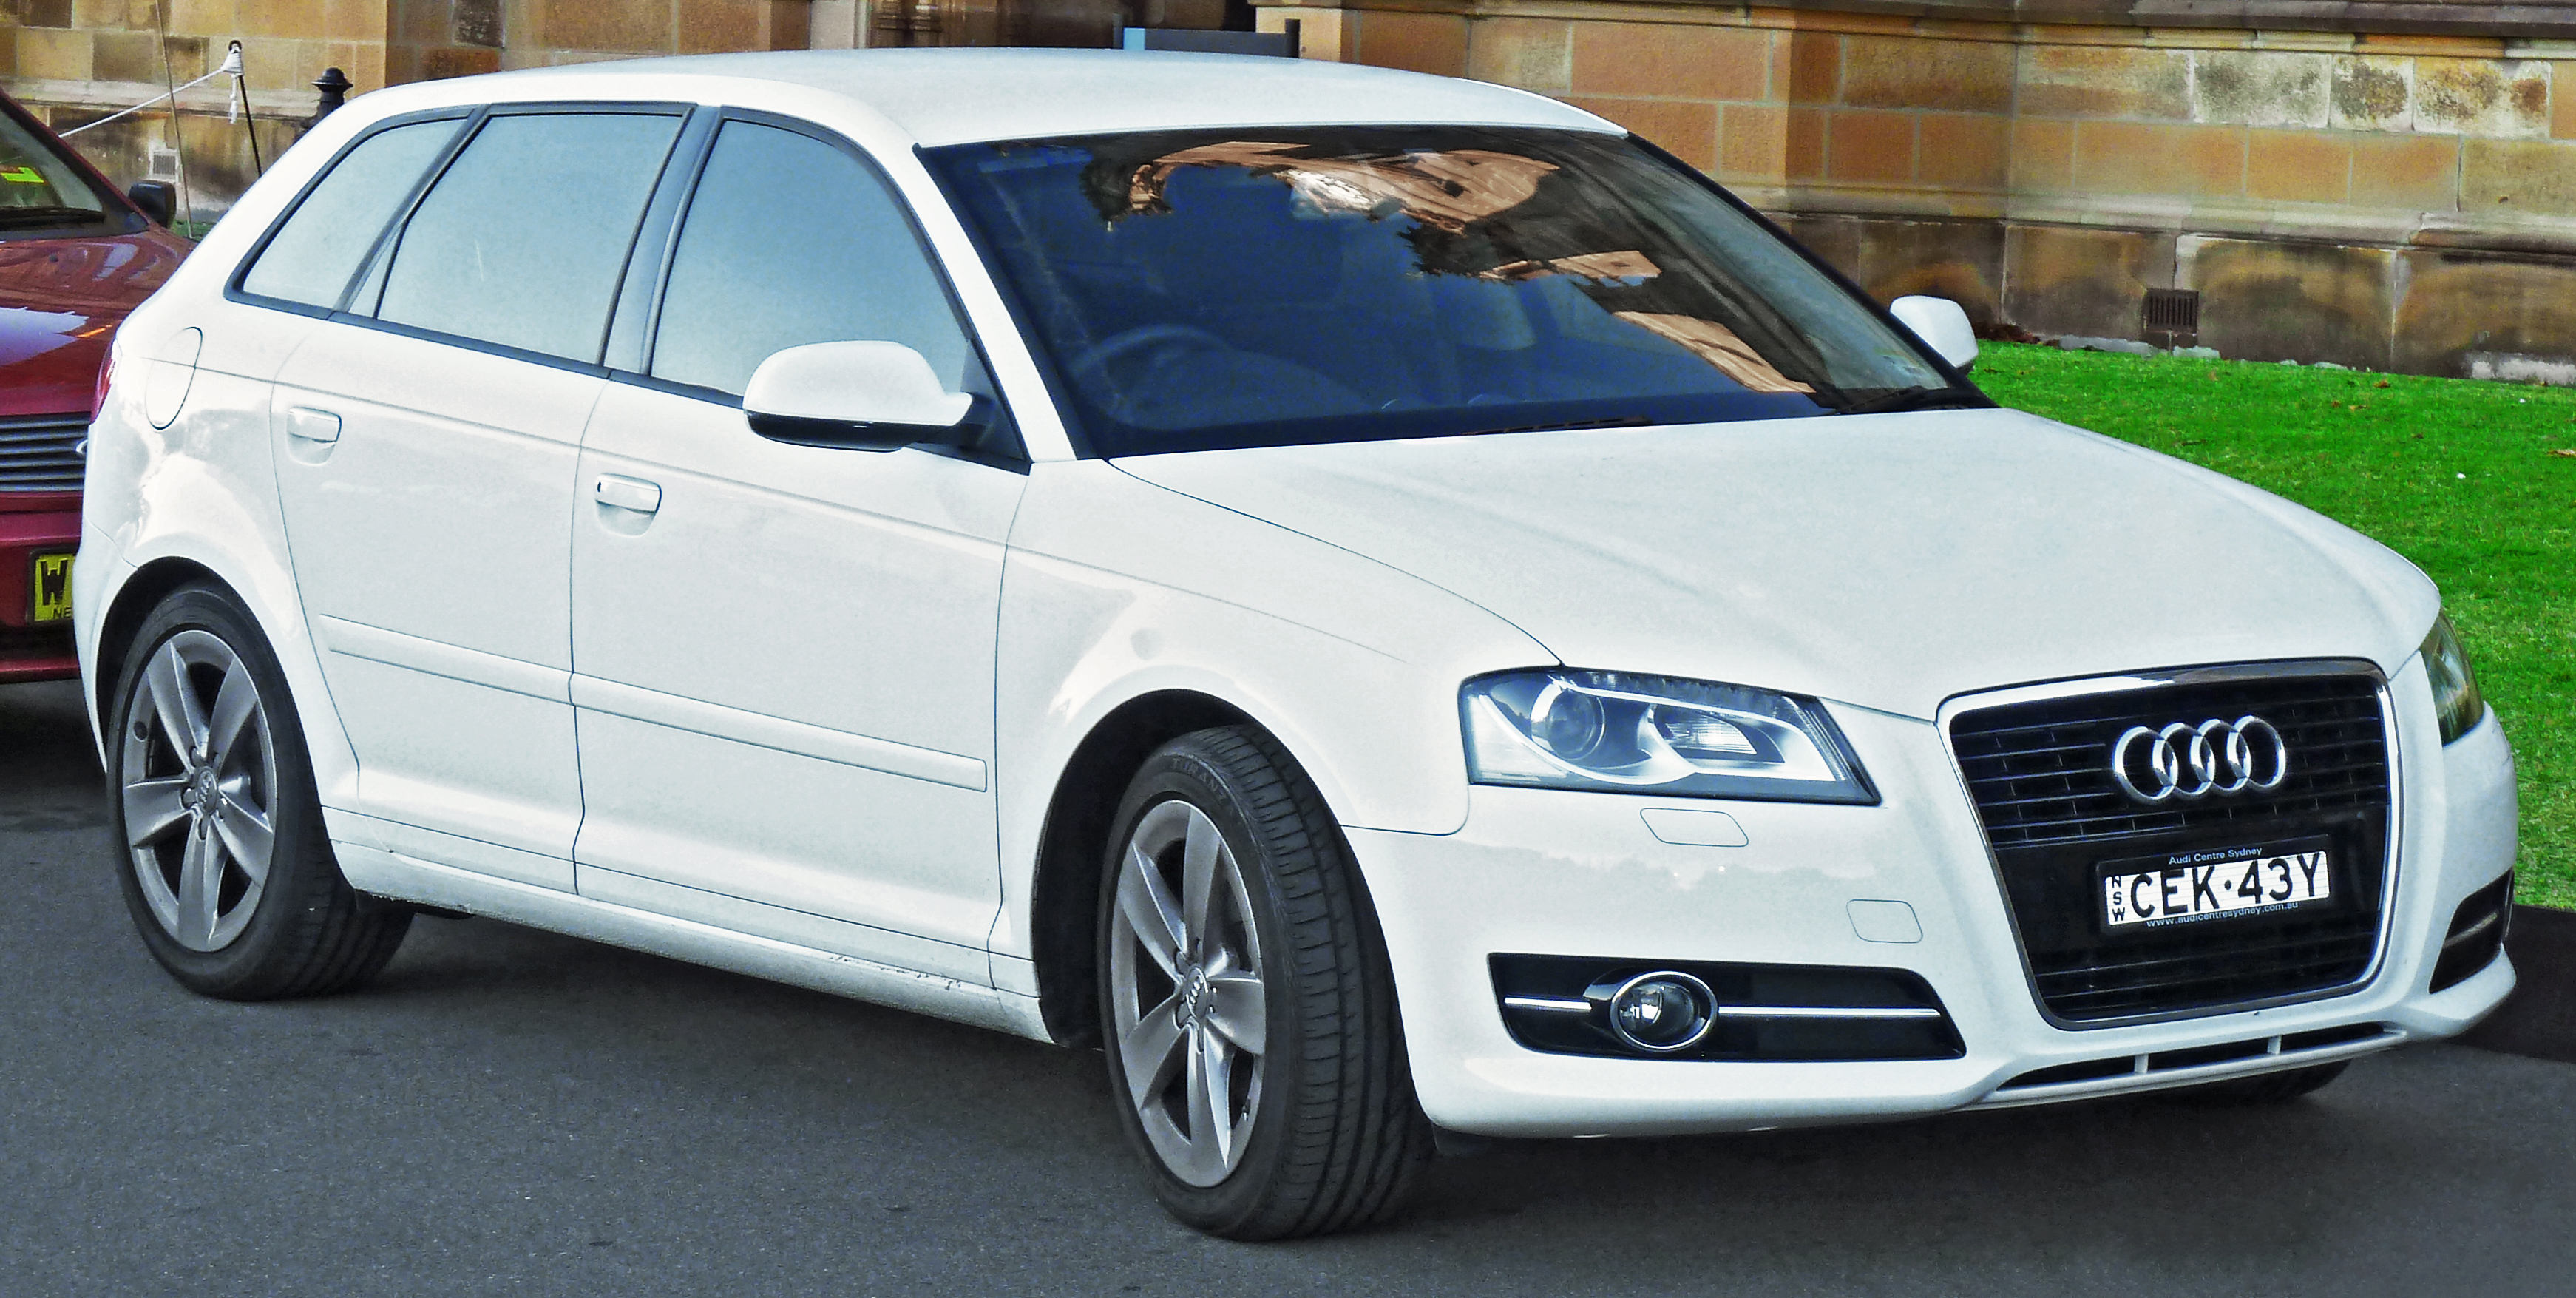 Kelebihan Kekurangan Audi A3 Sportback 2012 Tangguh